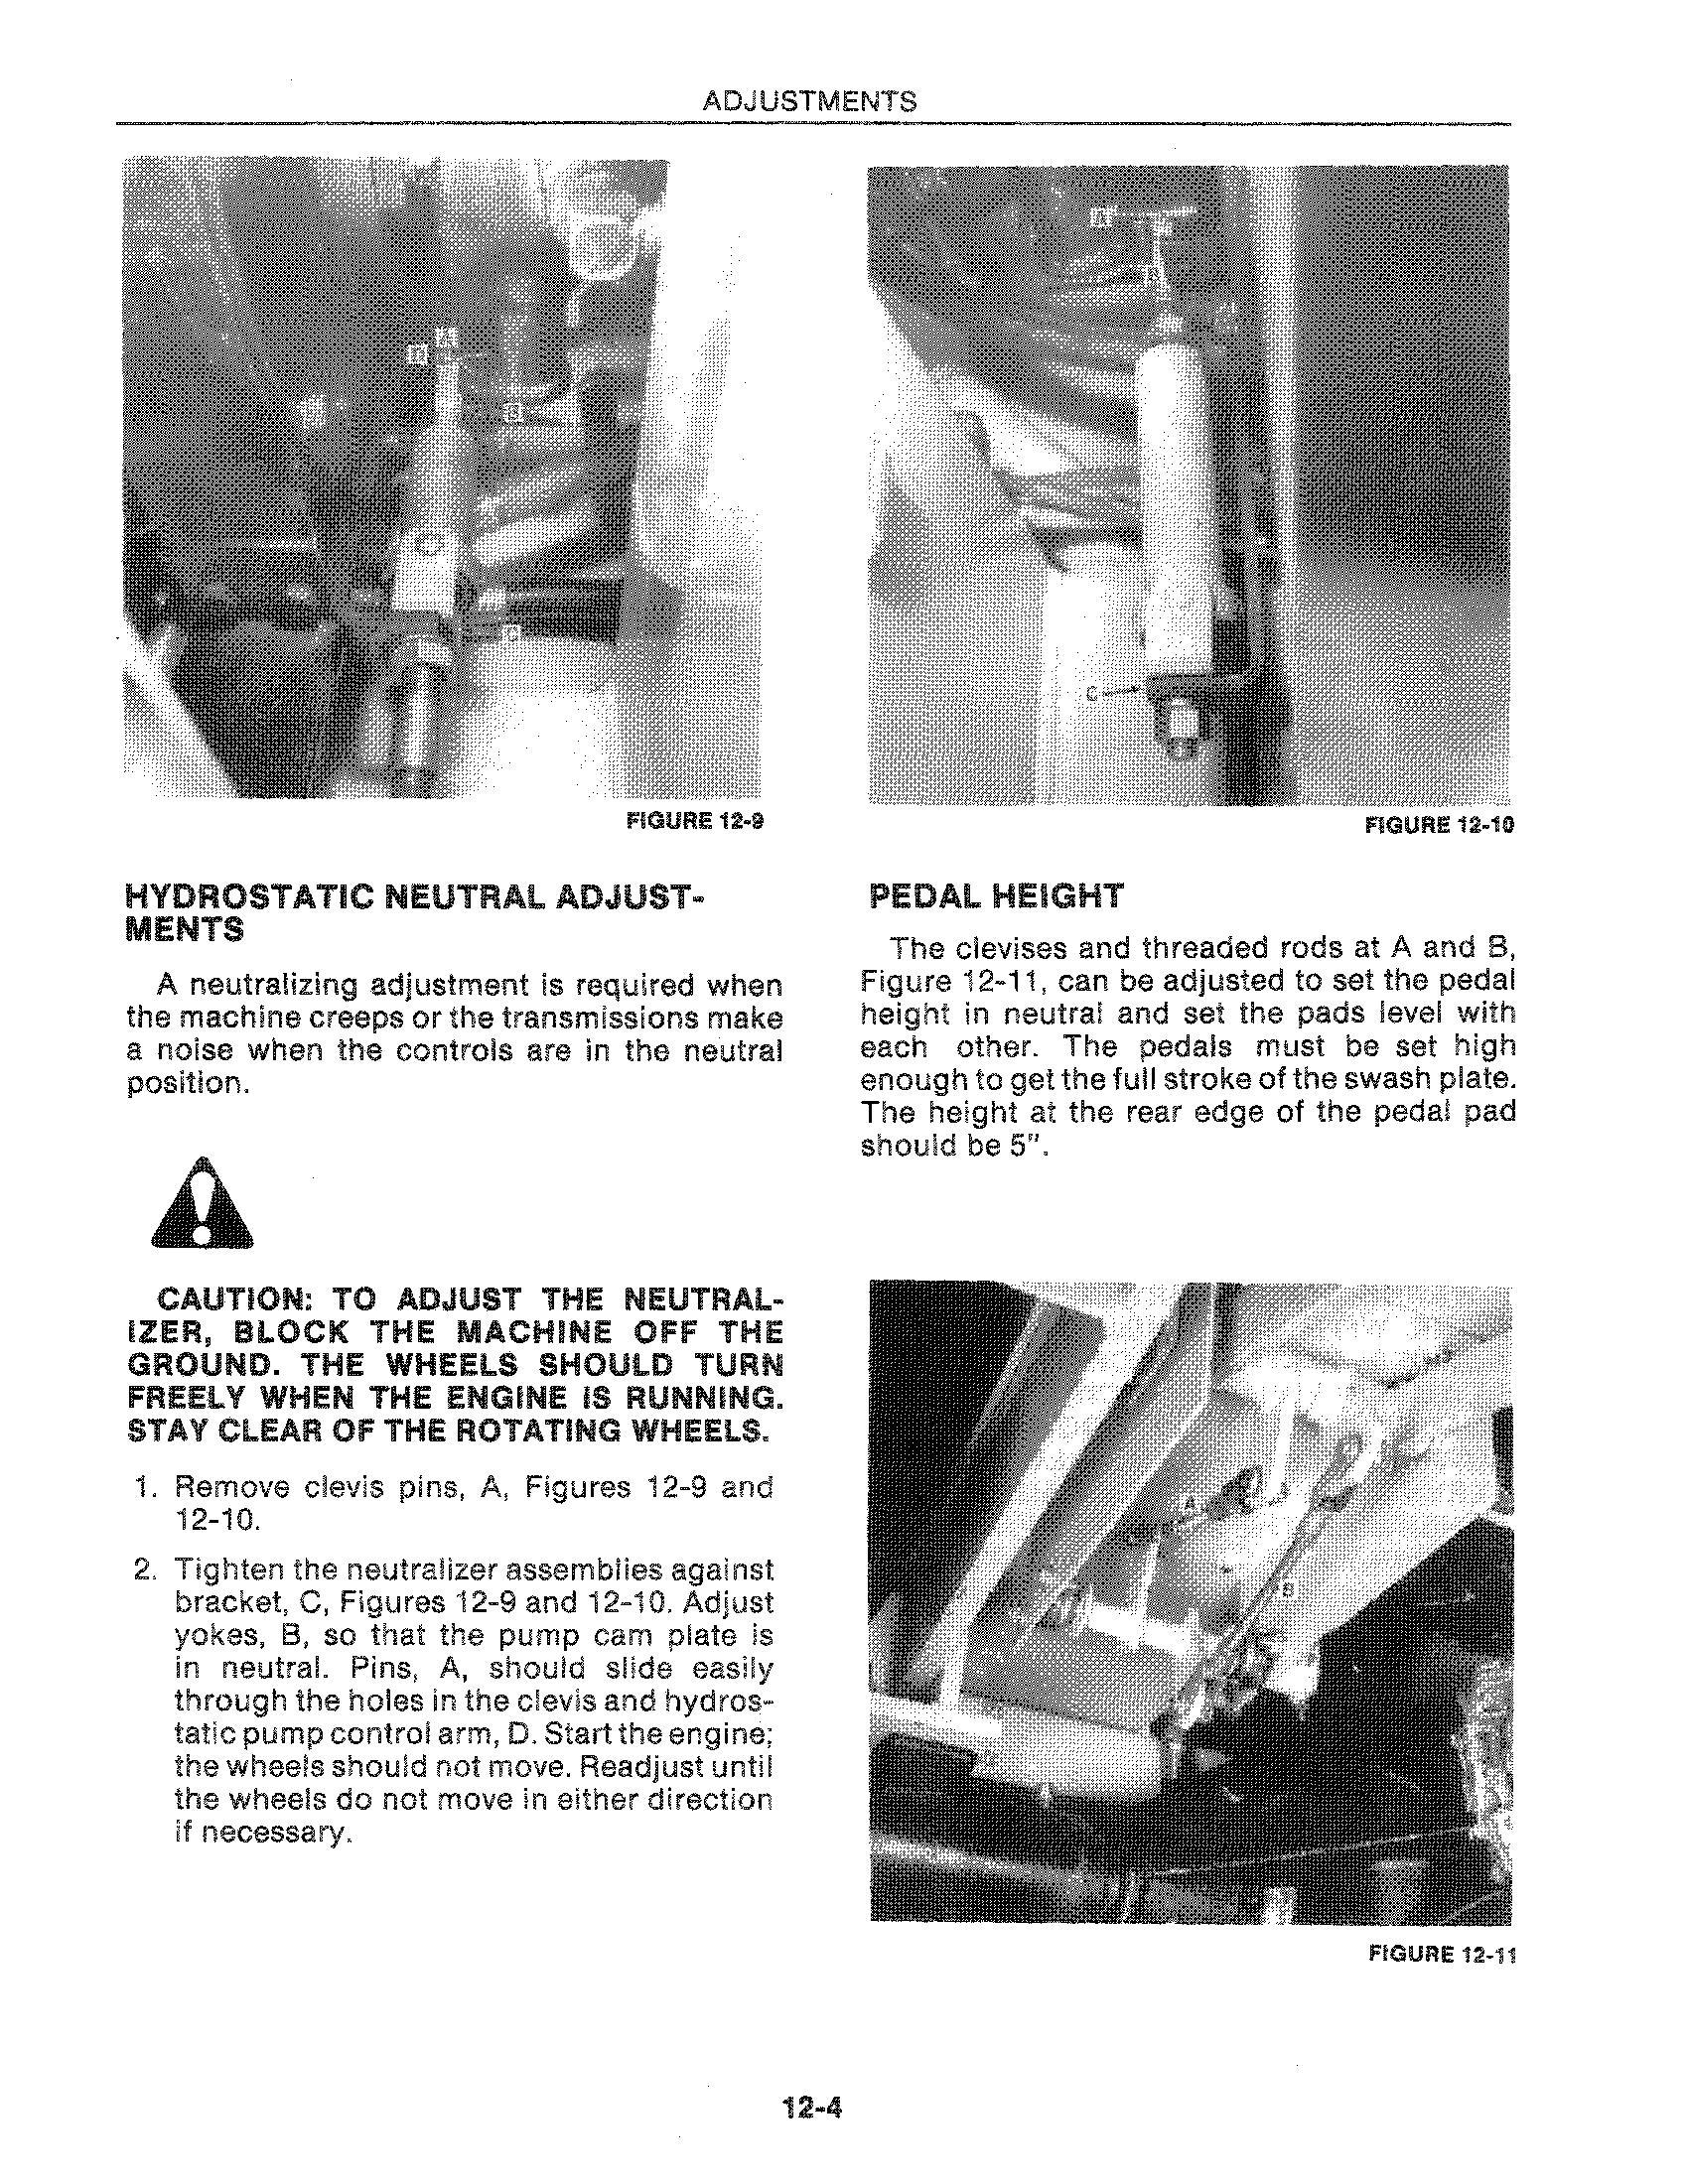 New Holland LB620 Backhoe Loader Service Manual - 2